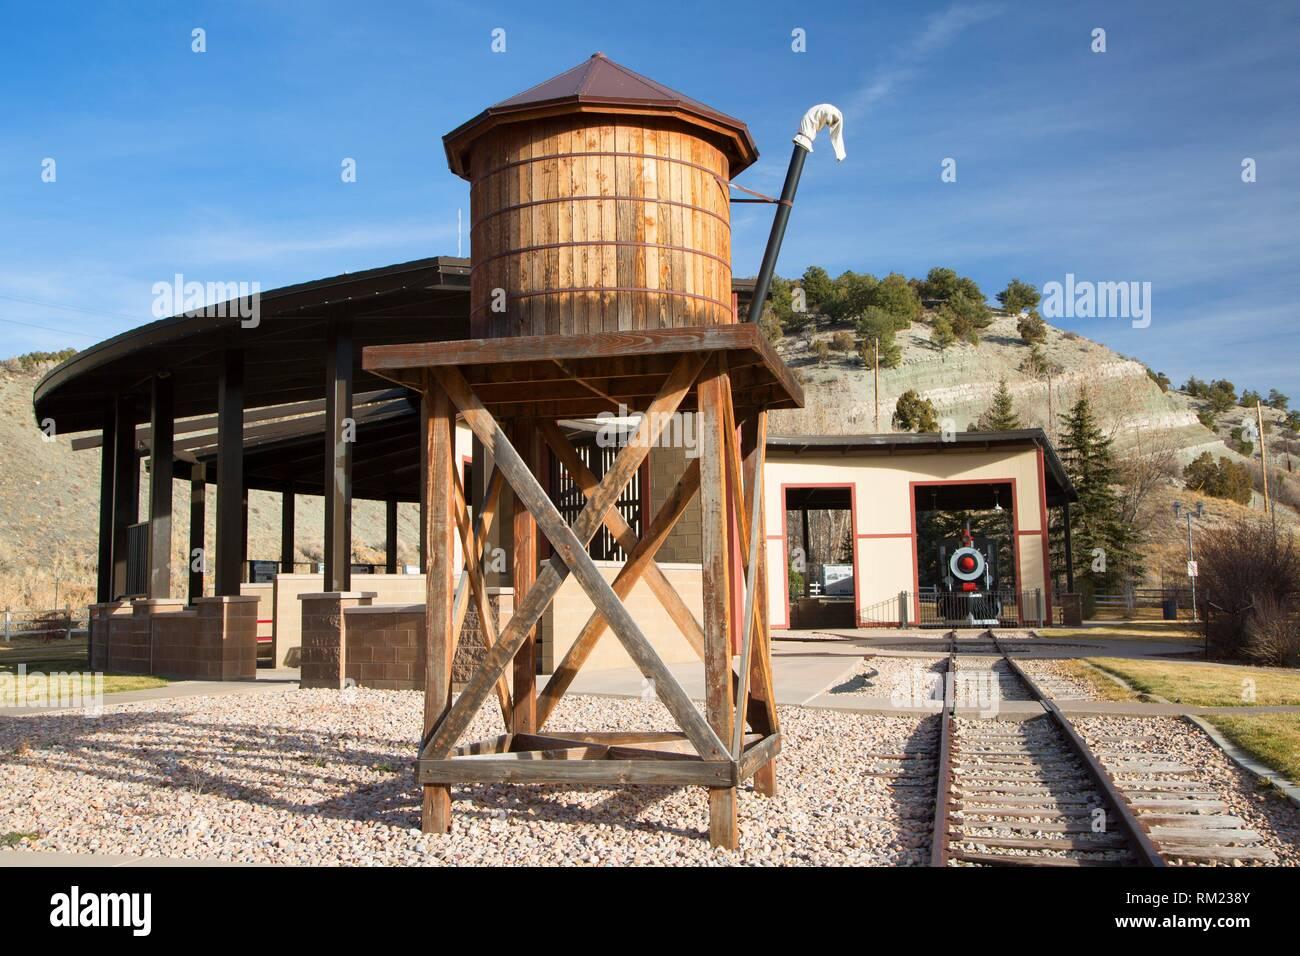 Railroad réservoir d'eau, aire de repos, la fourchette d'Utah. Photo Stock